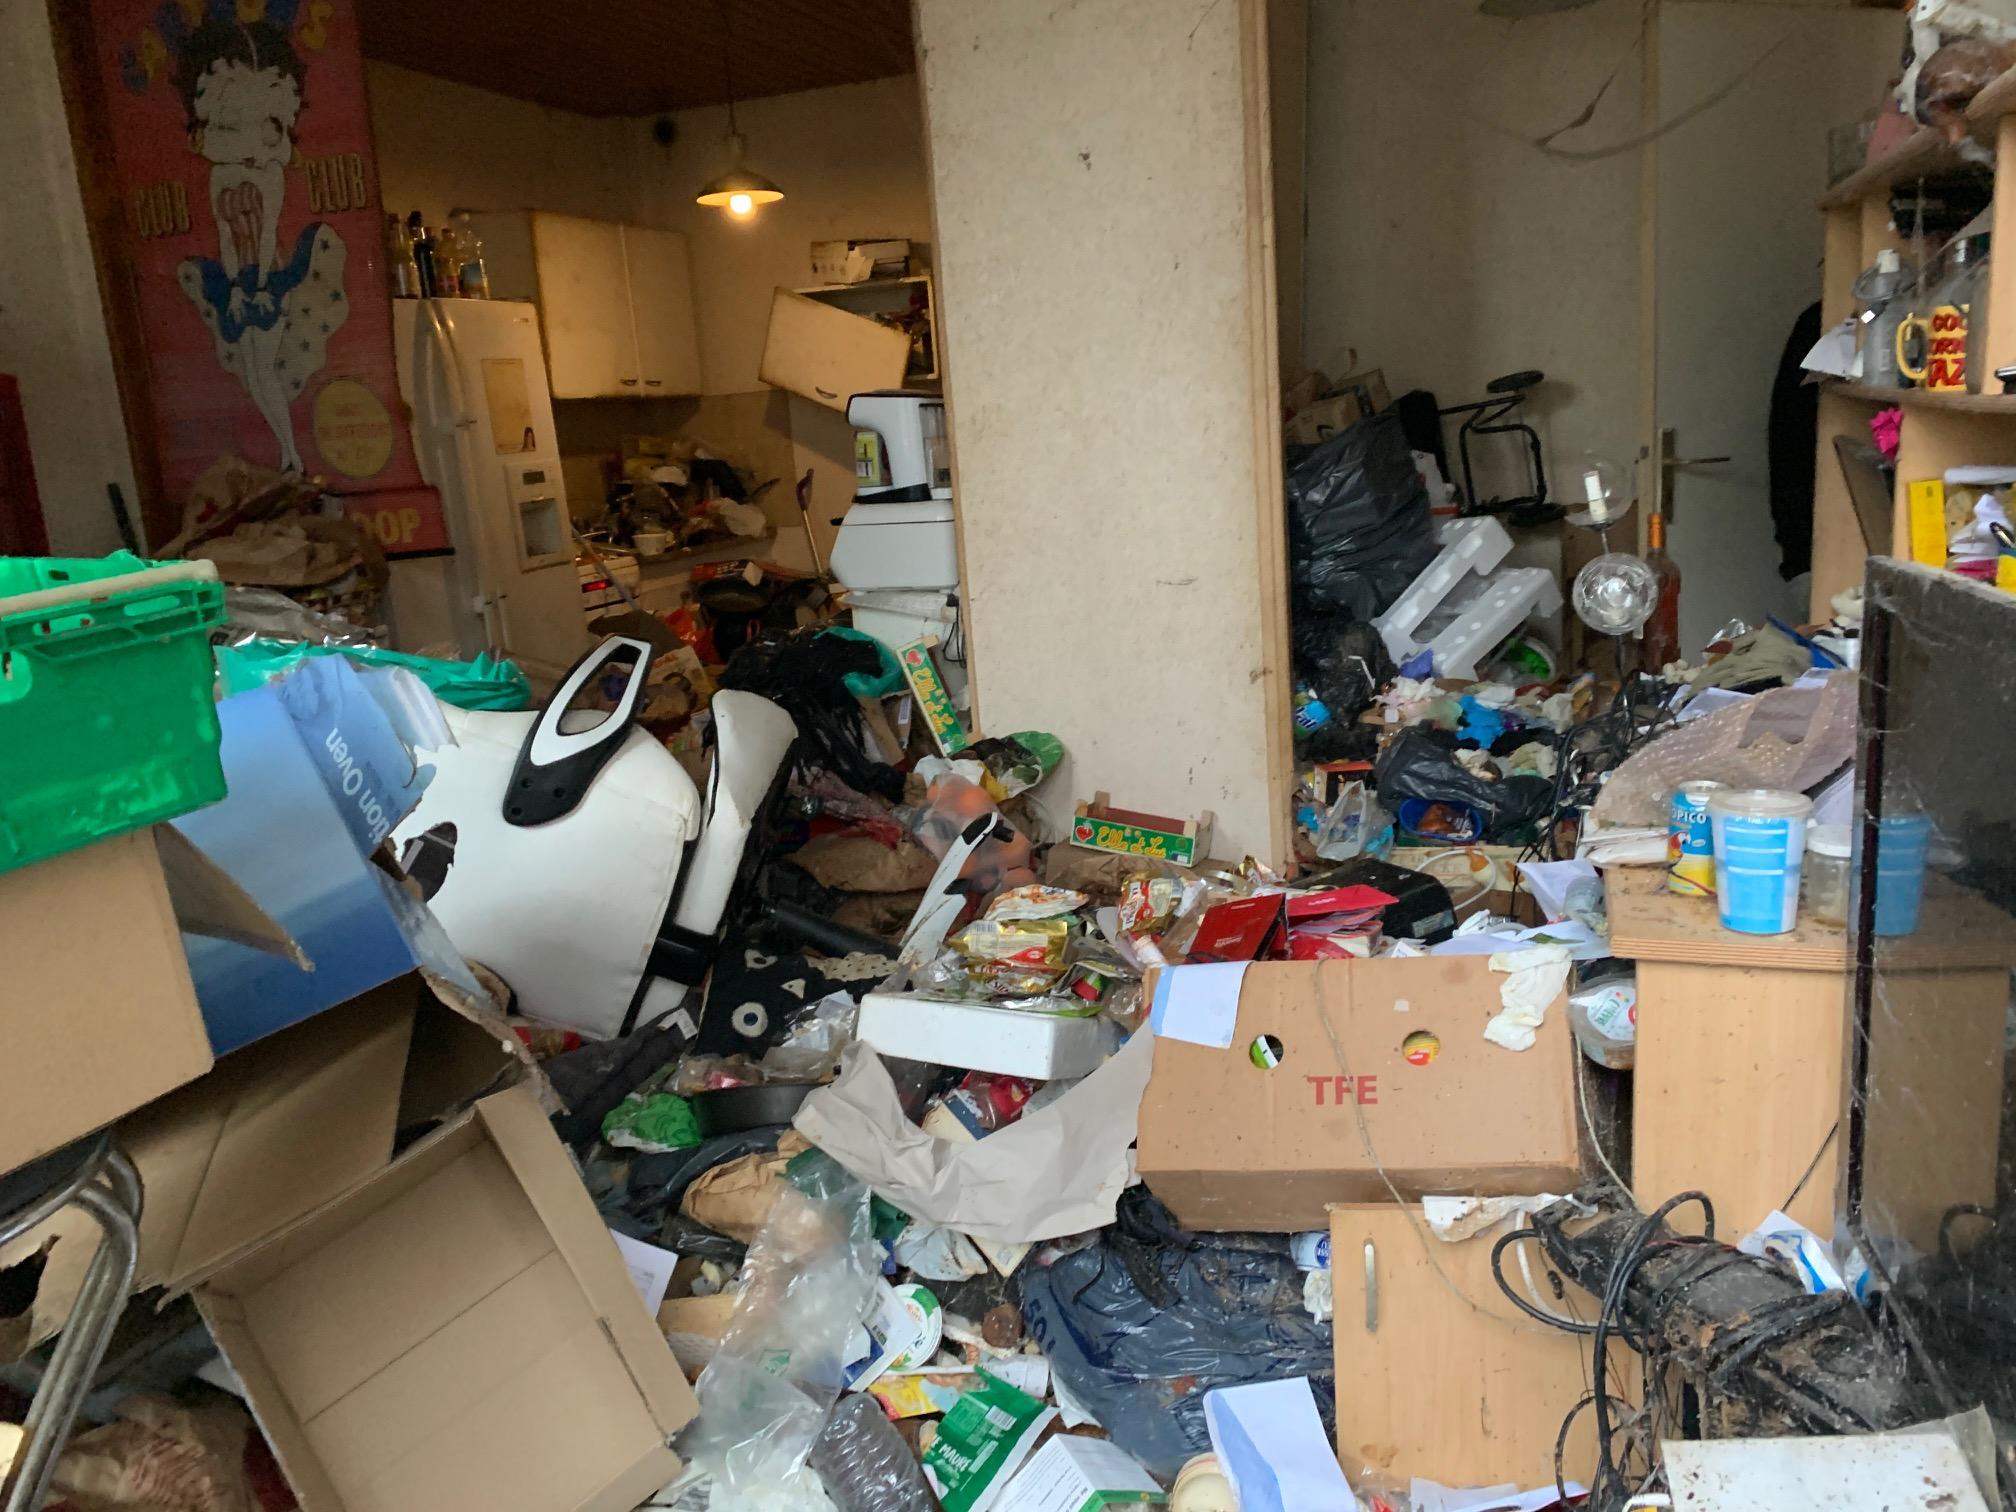 Débarras d'un logement encombré